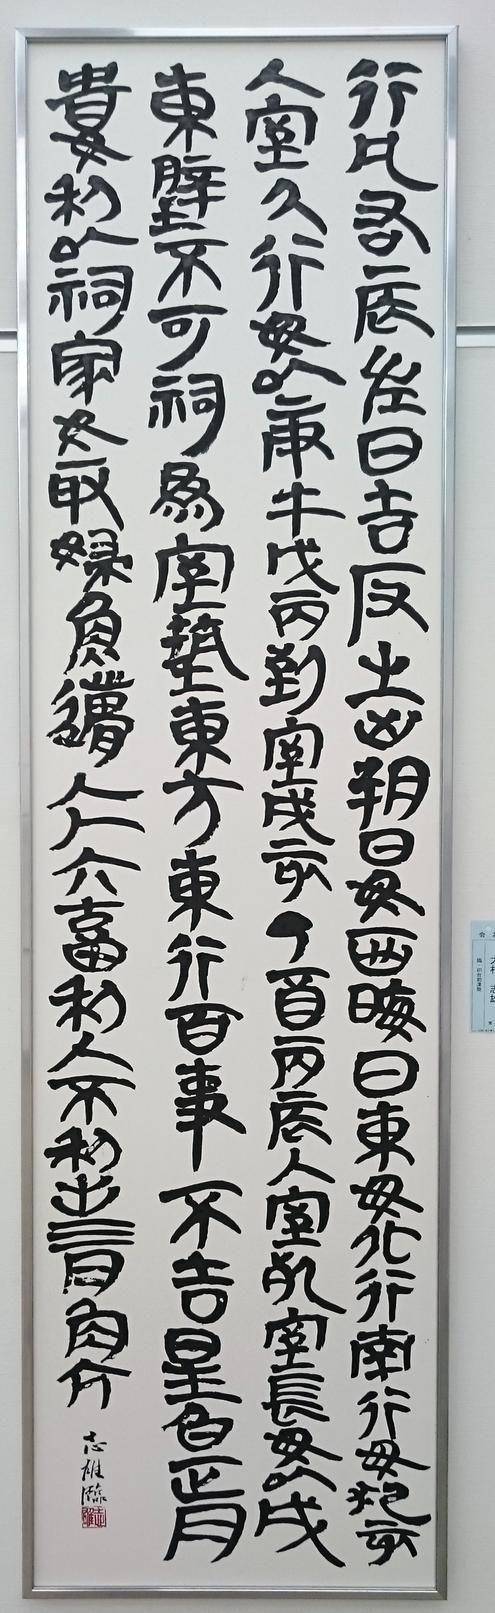 20160110 Dokuritsu by Yuh-o